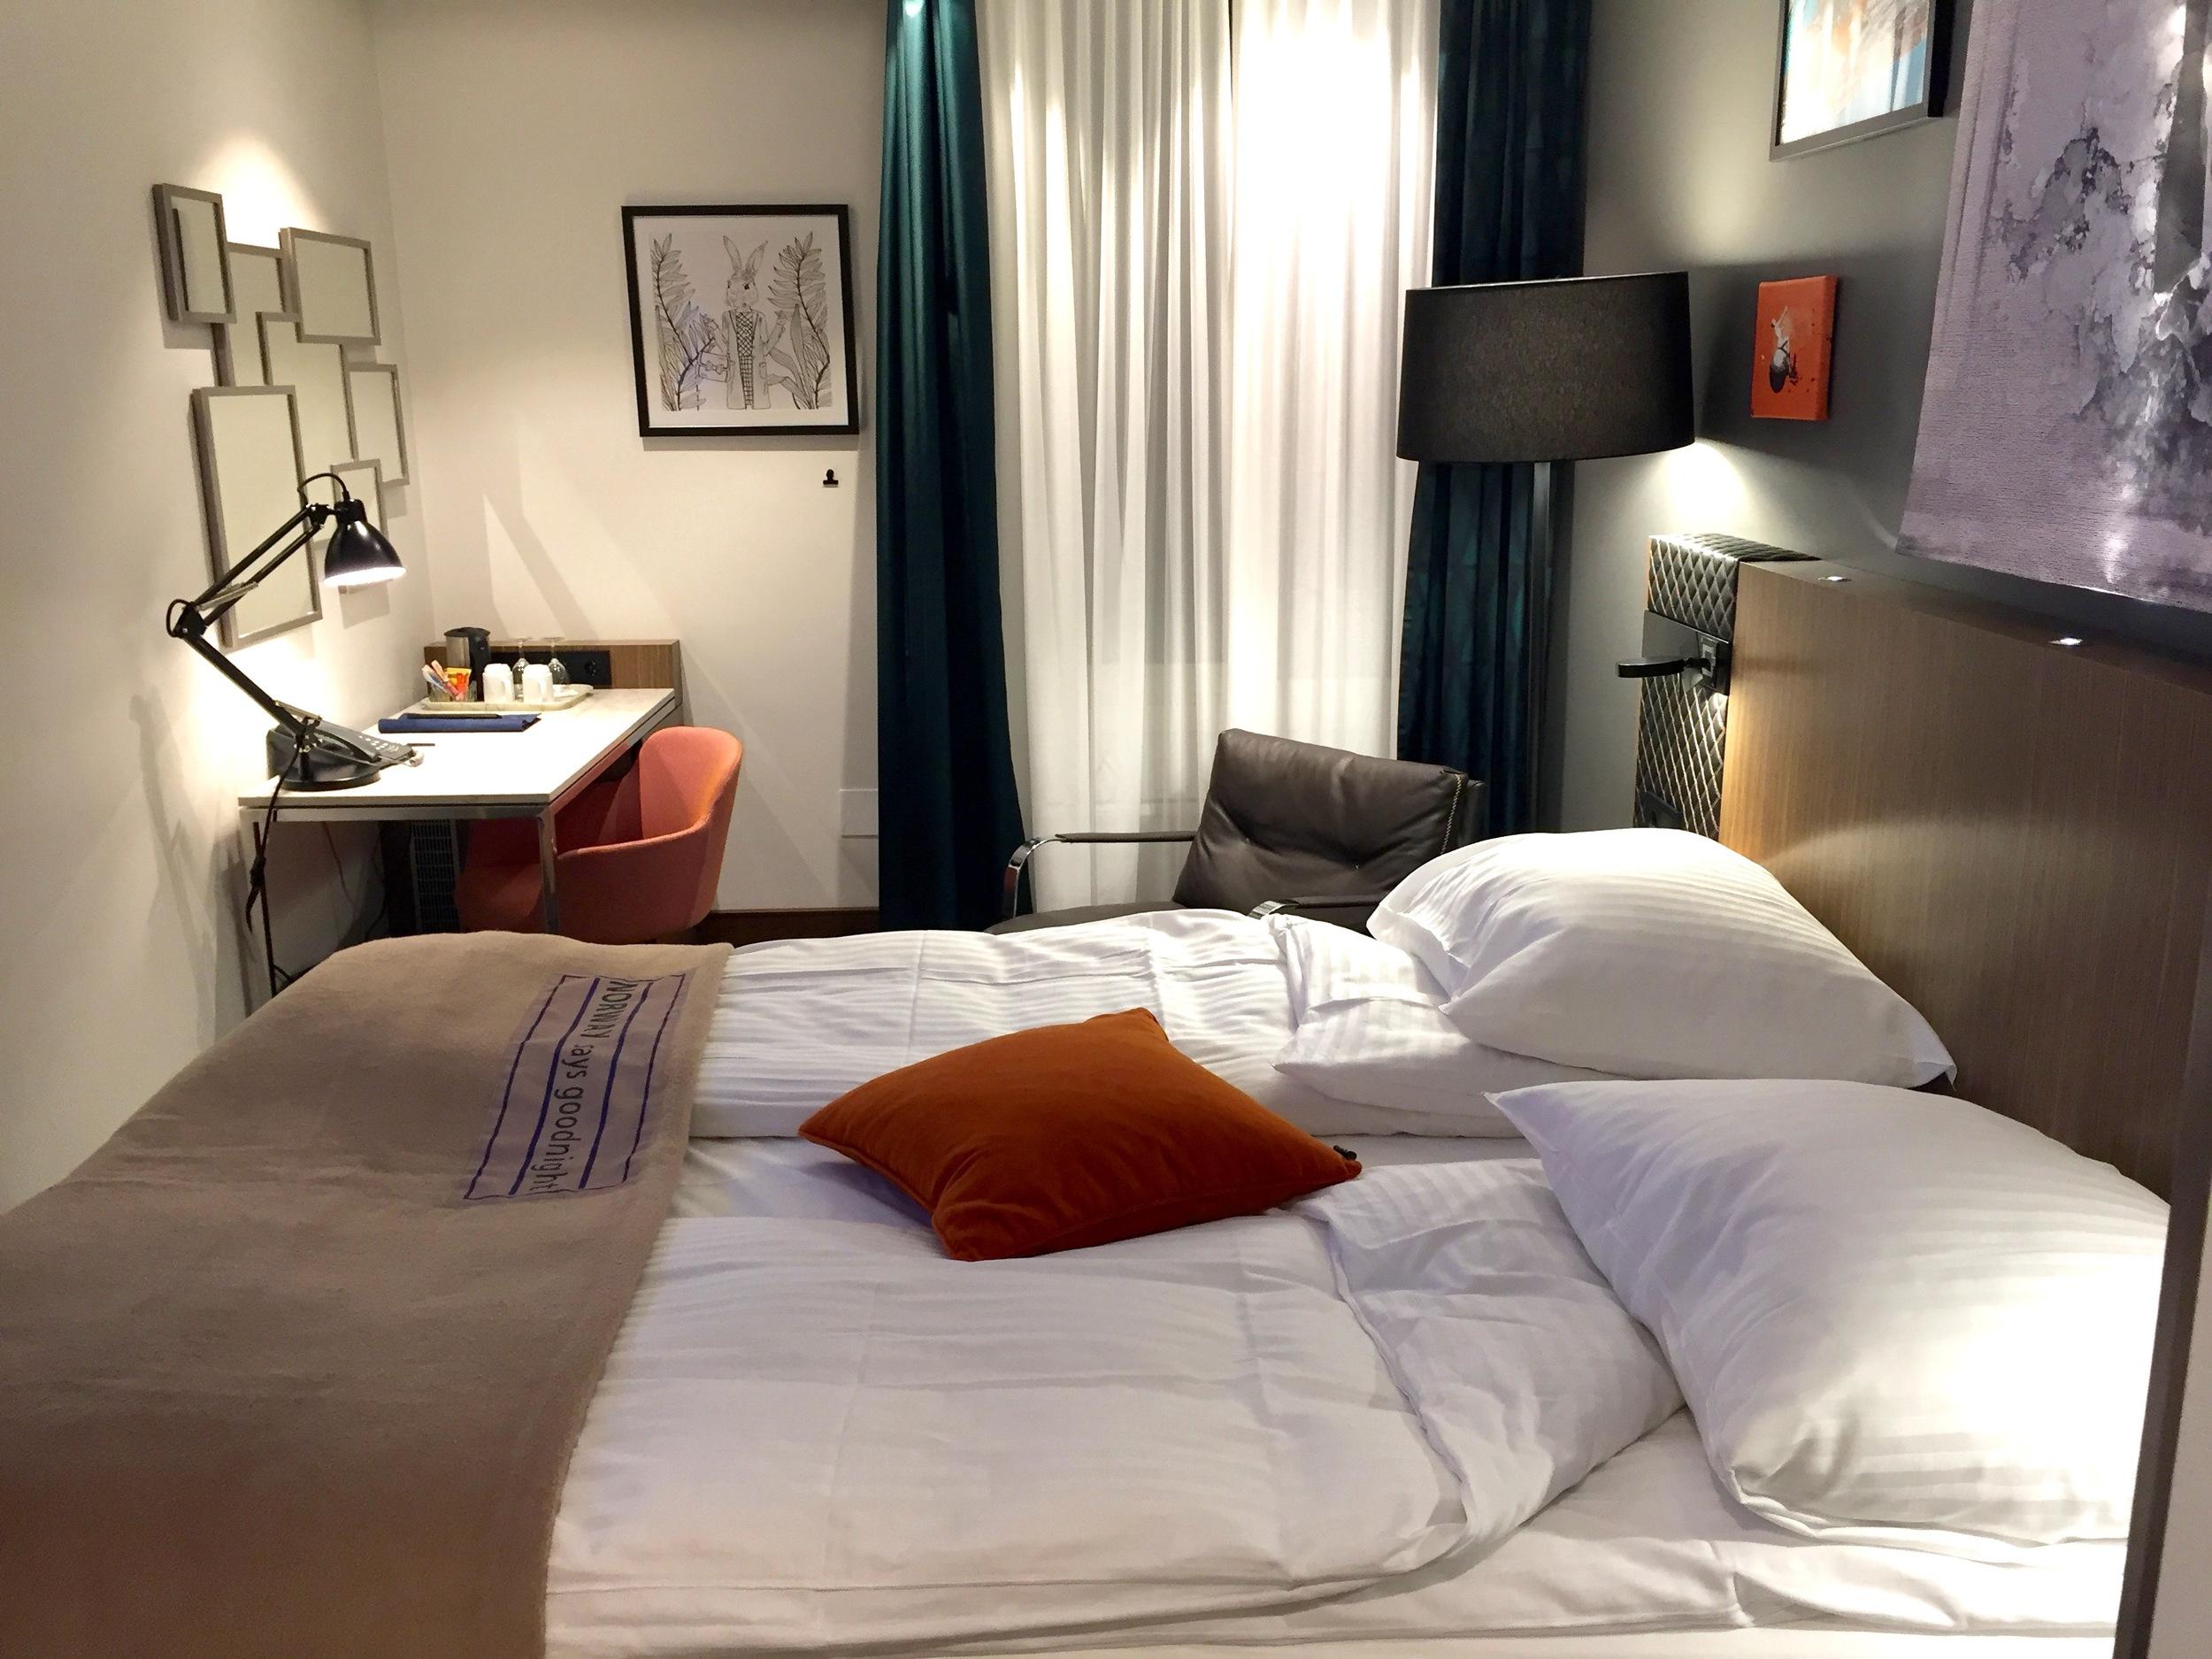 Hotellsengene blir billigere når konkurransen øker.      Foto: Odd Roar Lange